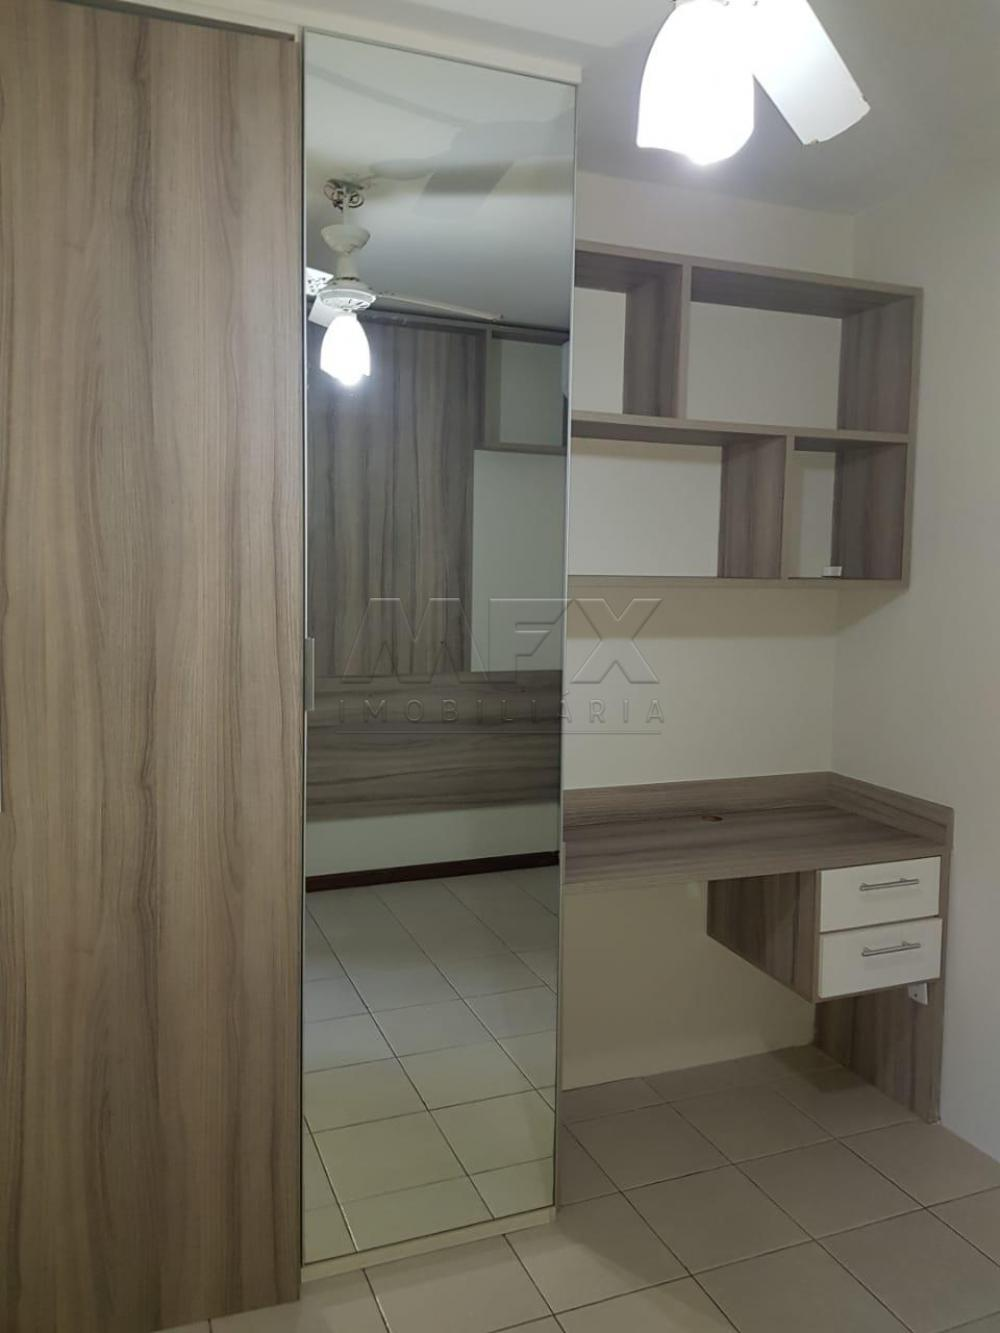 Comprar Casa / Padrão em Bauru apenas R$ 460.000,00 - Foto 8